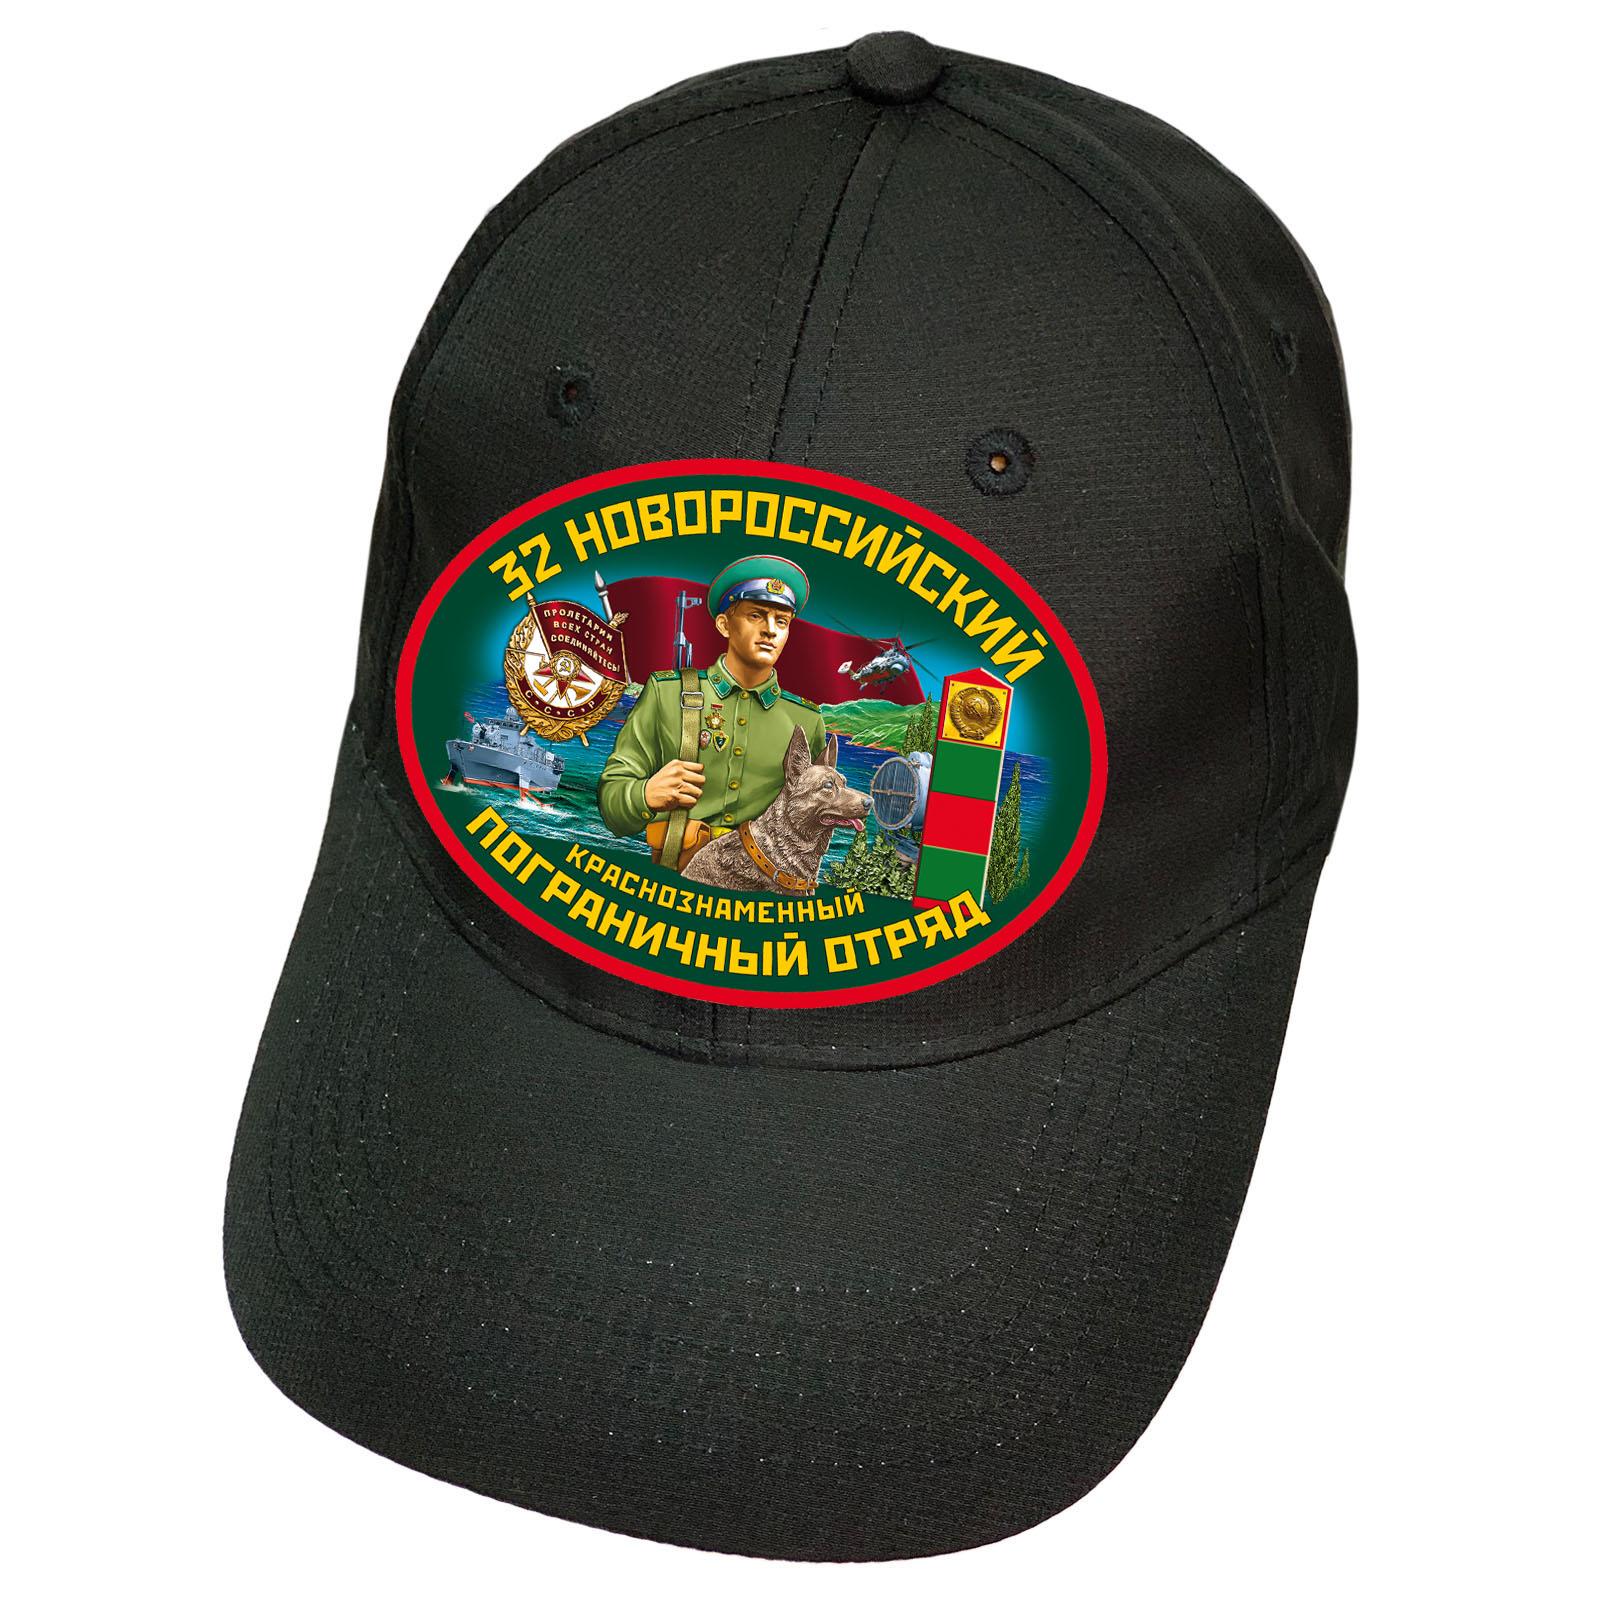 Чёрная кепка 32 Новороссийского пограничного отряда